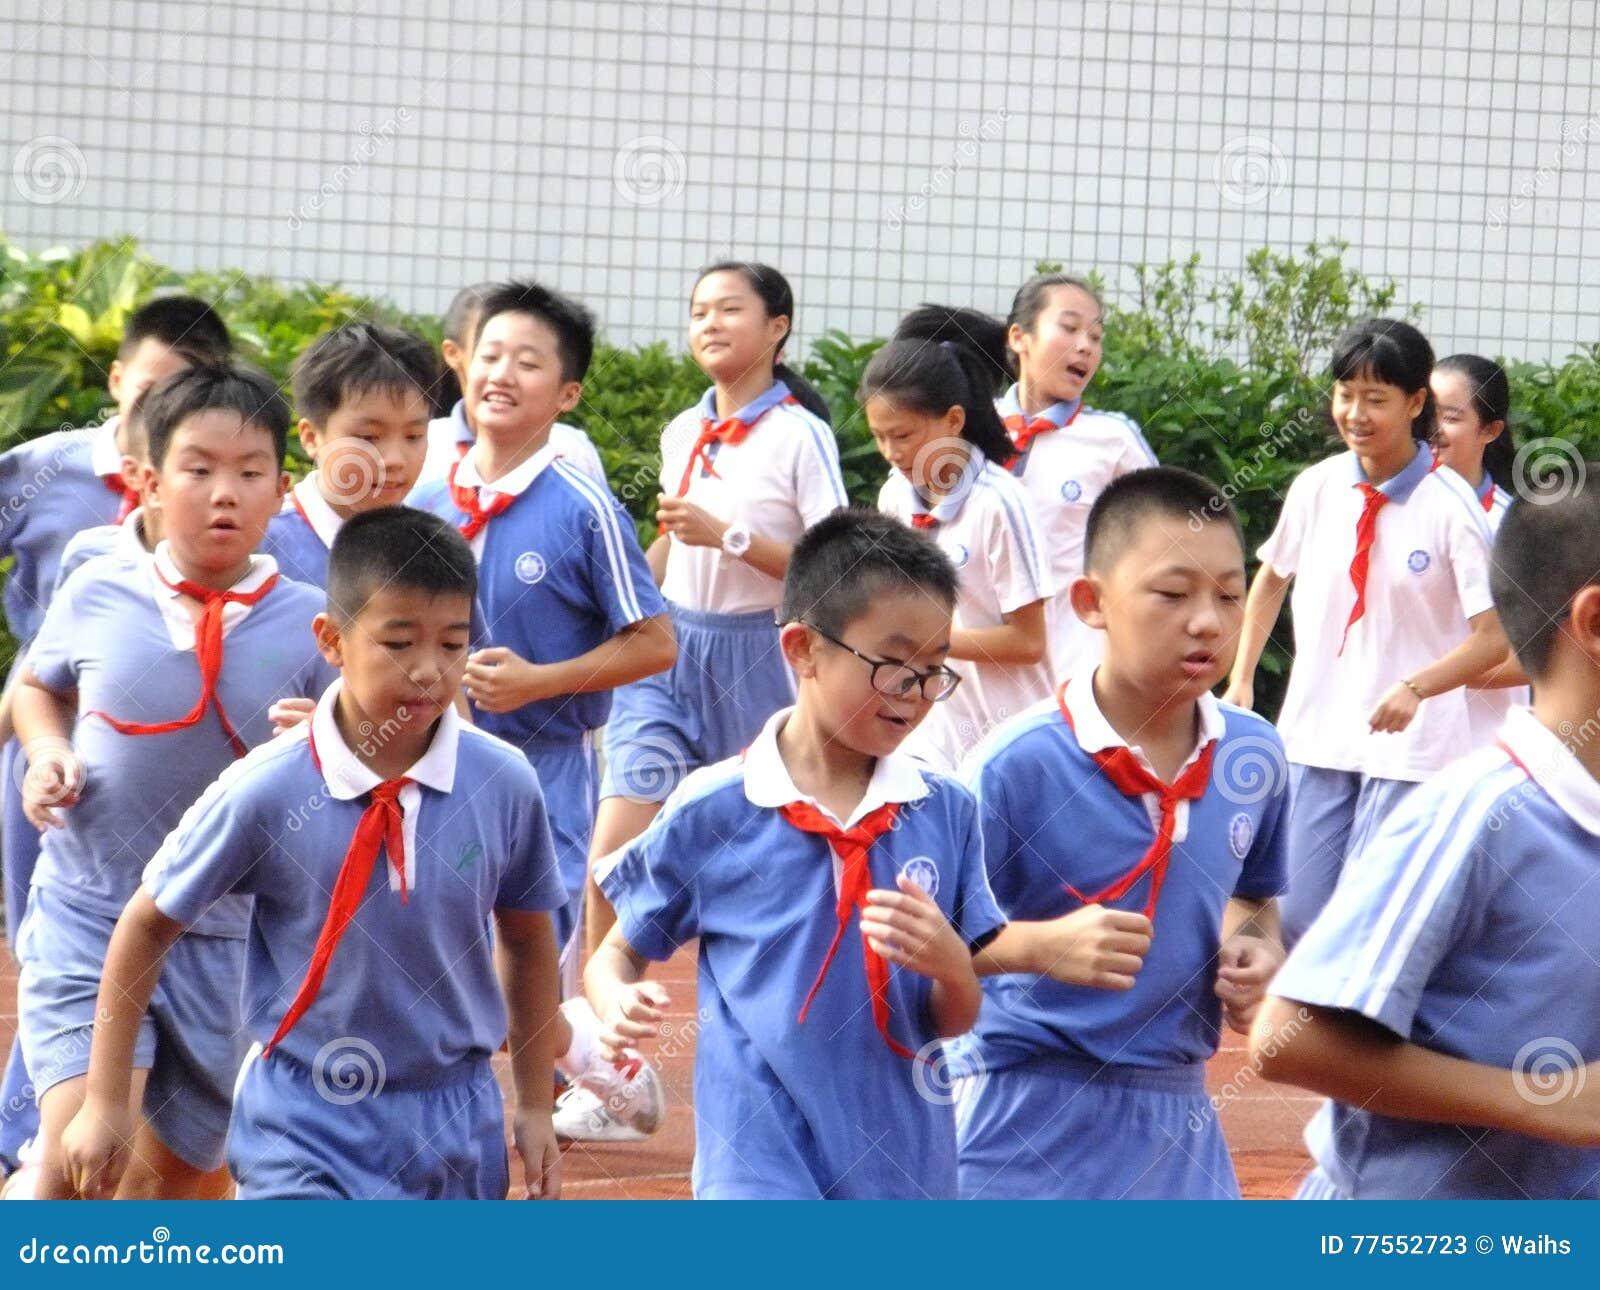 Shenzhen Kina: grundskola för barn mellan 5 och 11 årstudenter i gruppen för fysisk utbildning